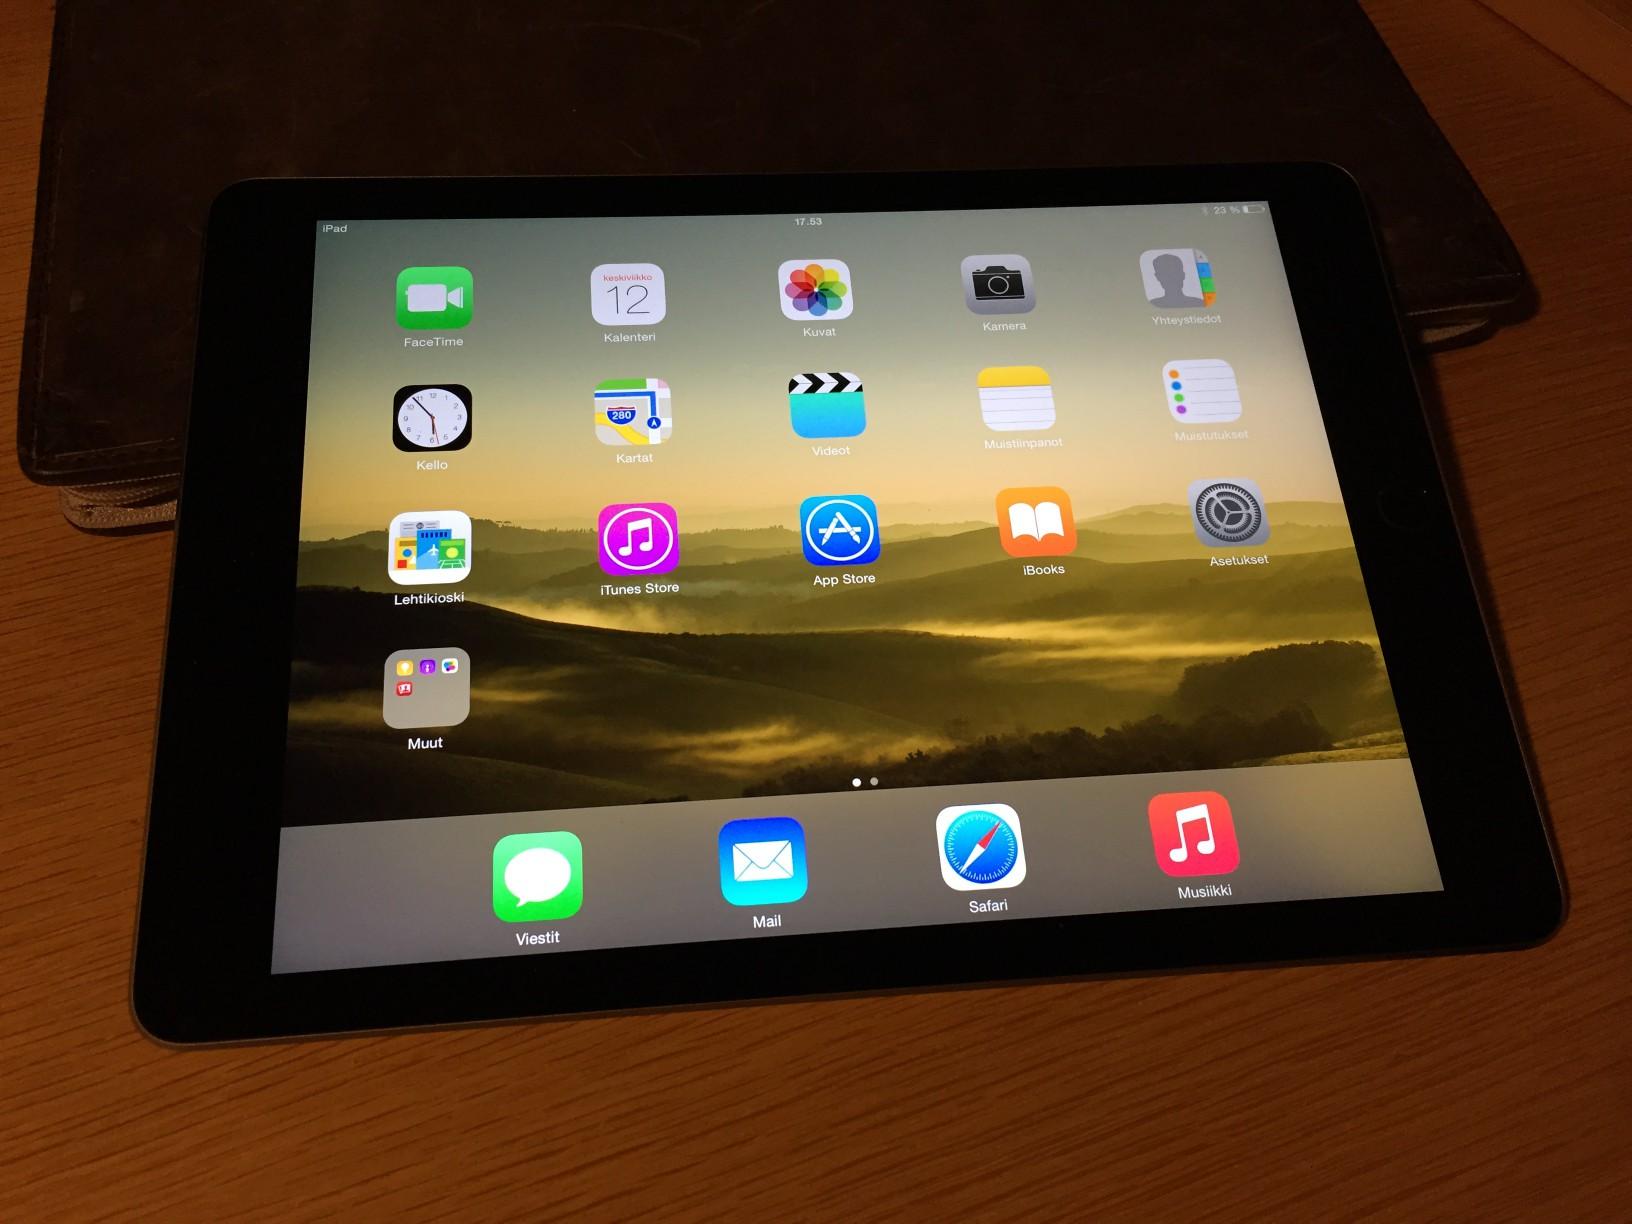 Apple julkaisi iOS 12:n - mitä uudistuksia päivitys tuokaan Kysely